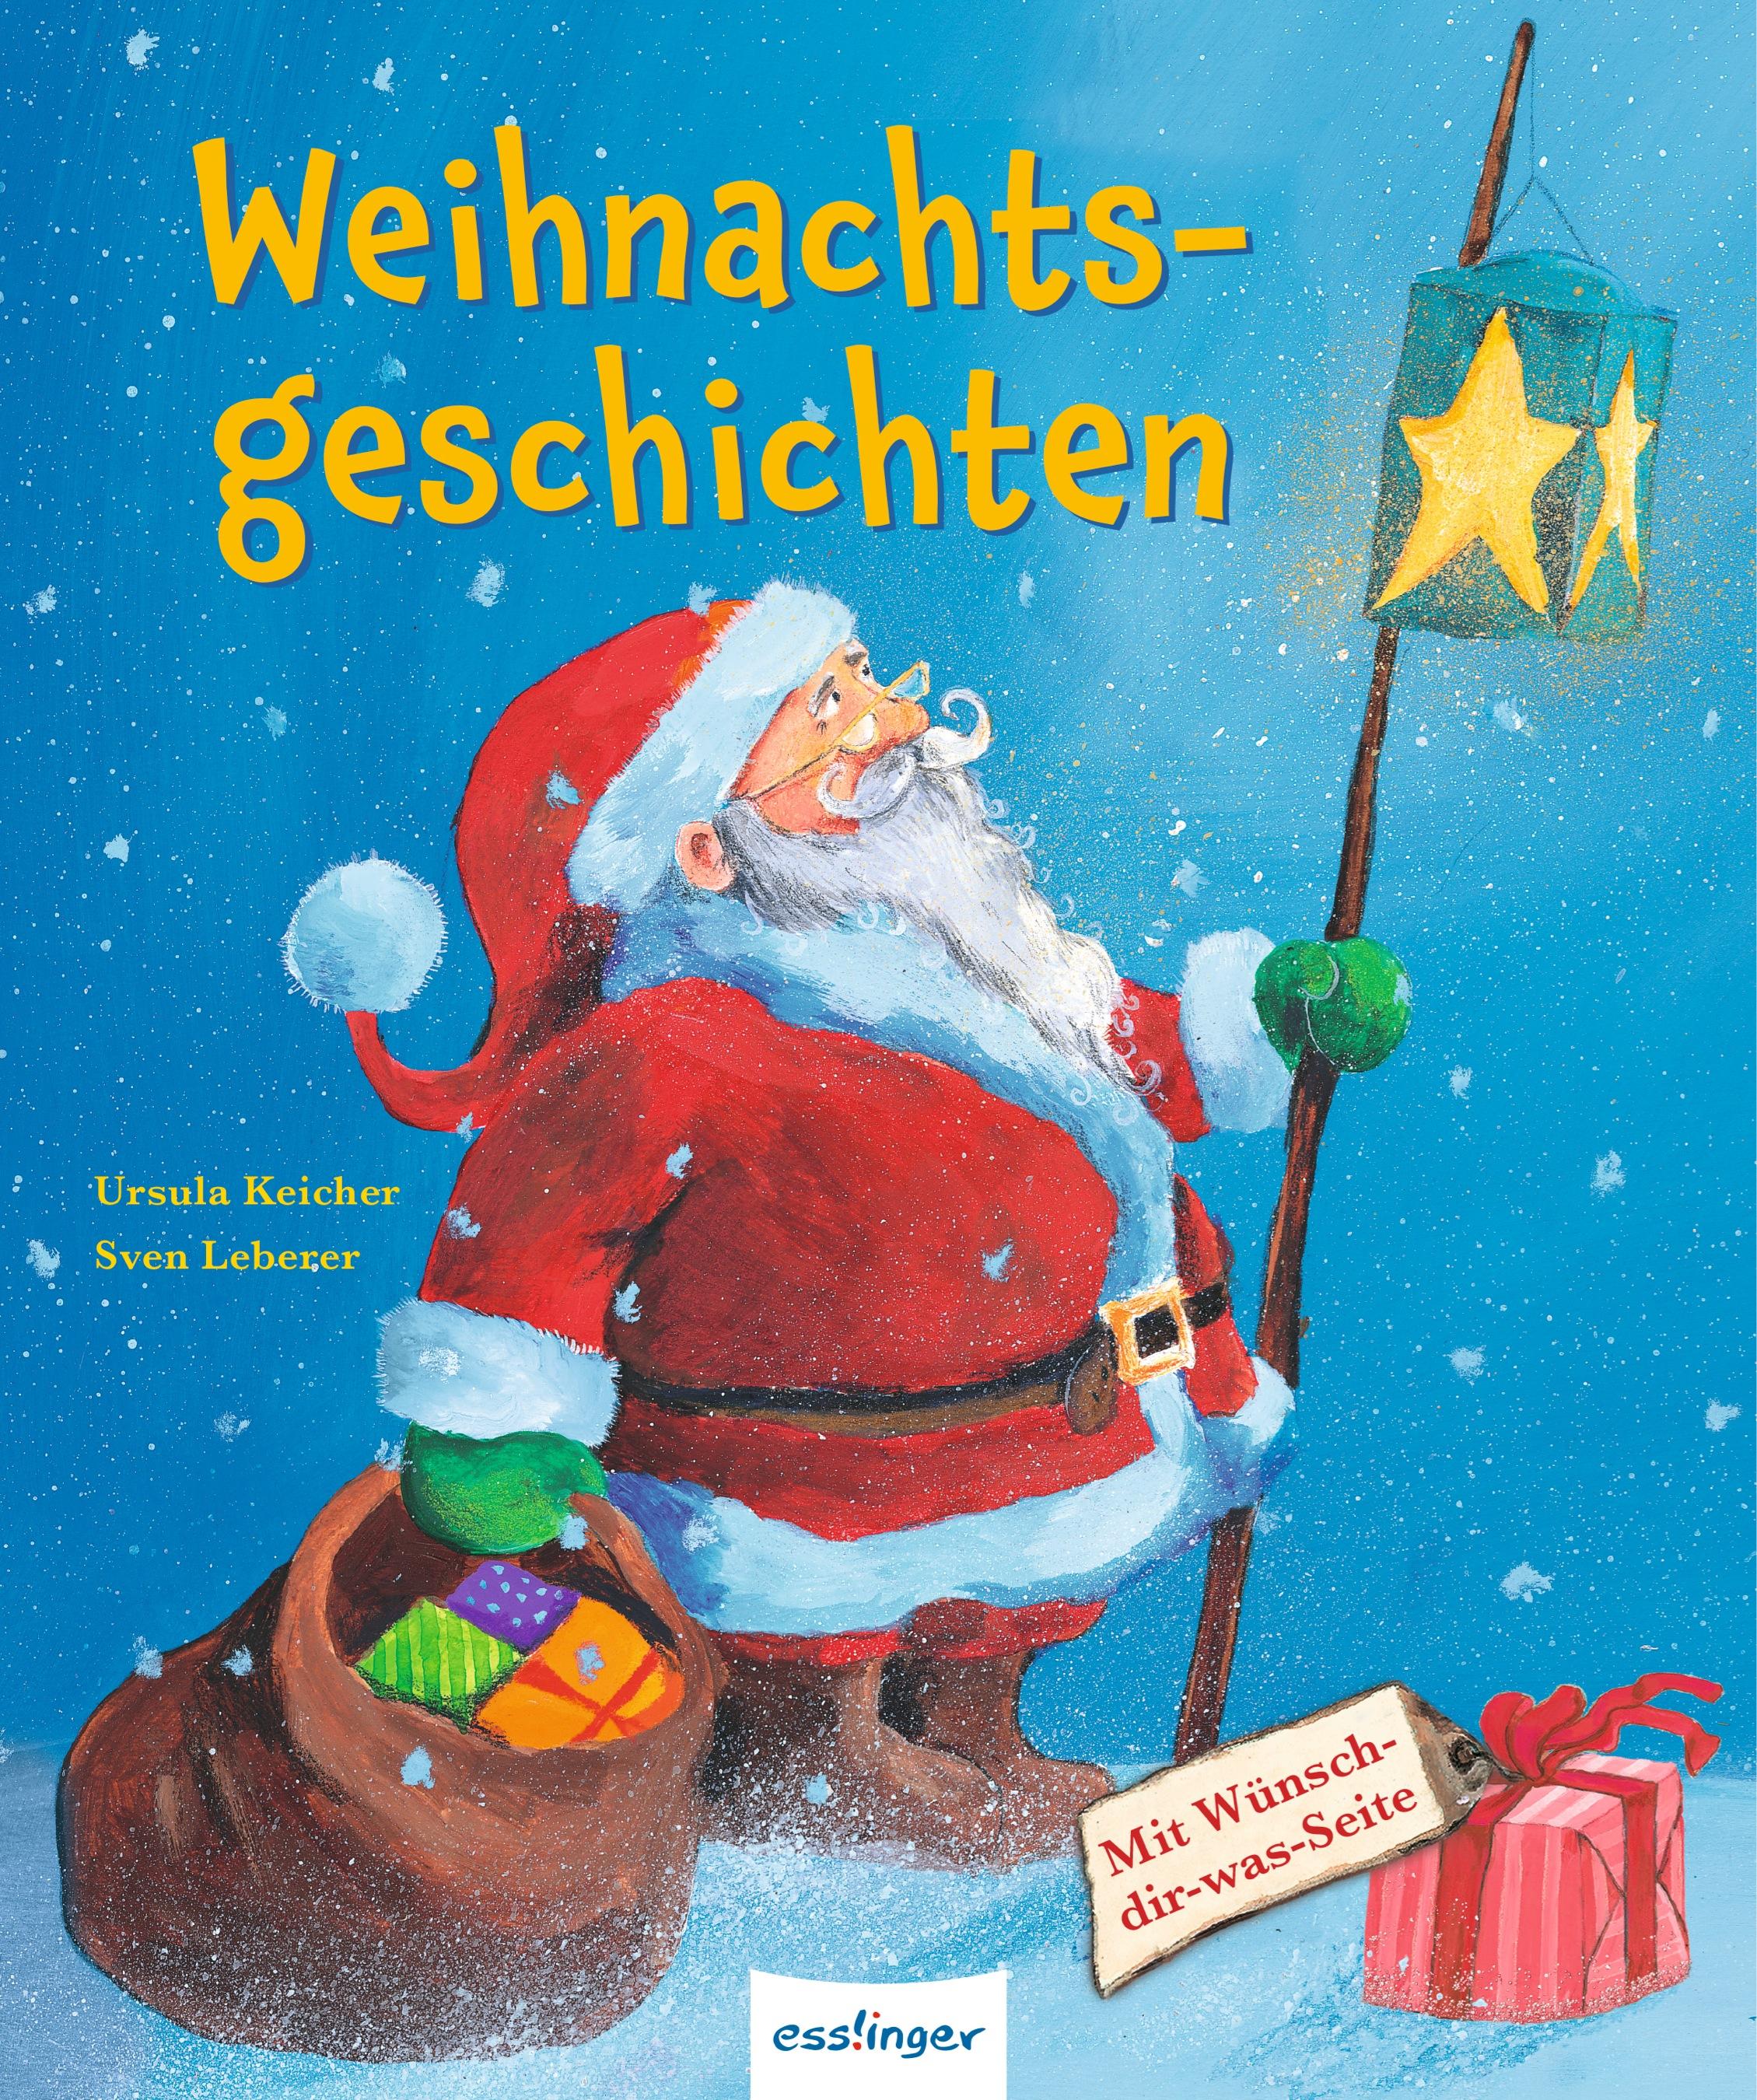 NEU Weihnachtsgeschichten Ursula Keicher 233021